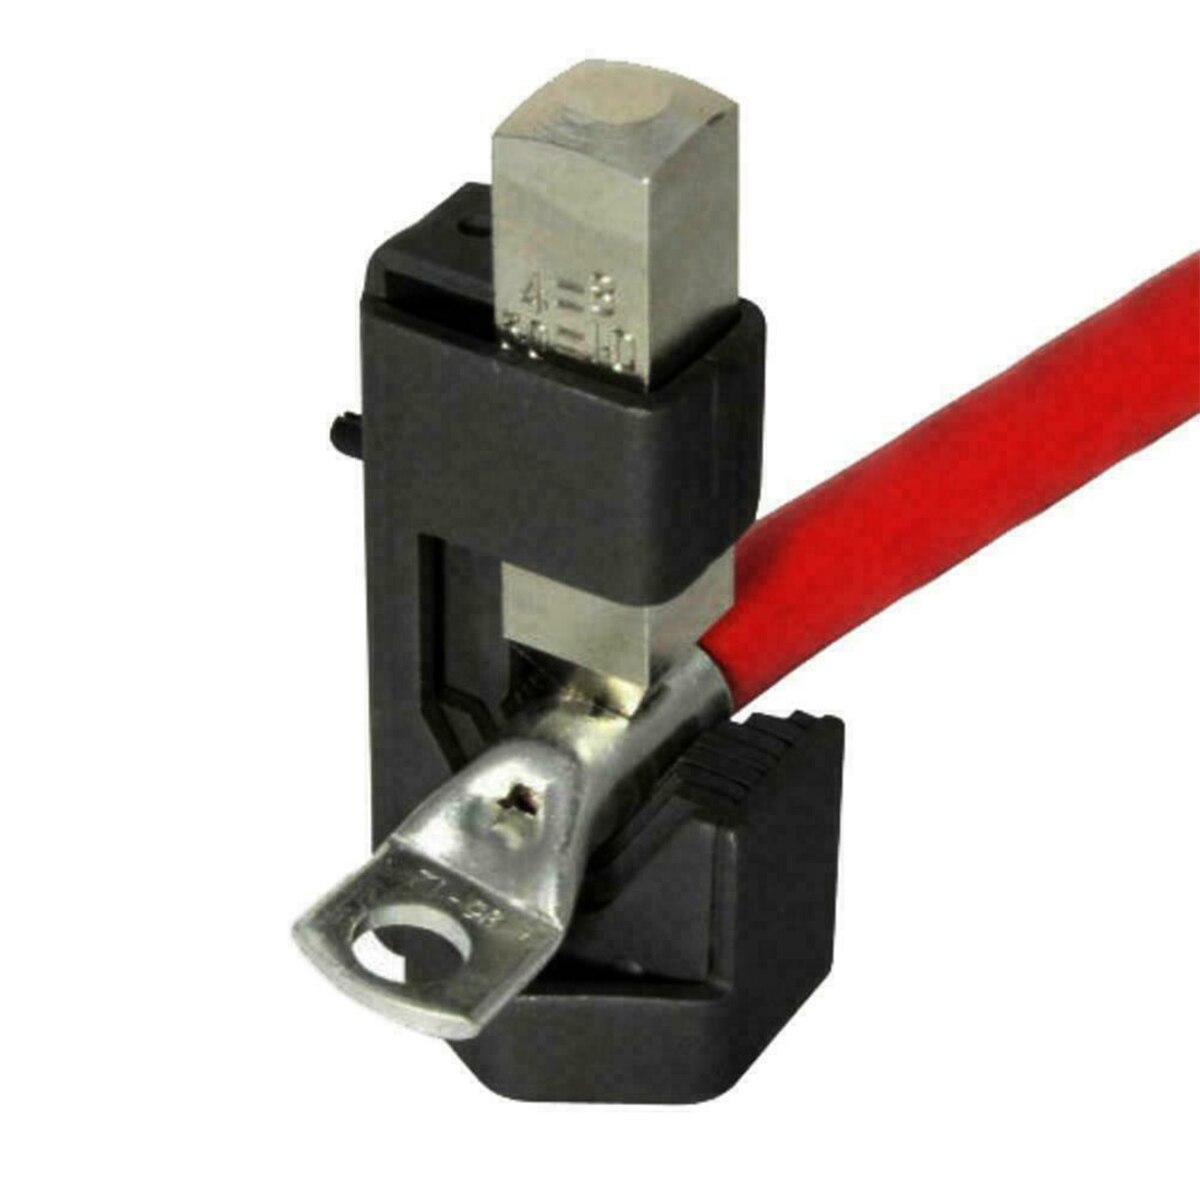 נעל לחיצה כלי קפיץ פטיש סוג שביתה כלי מלחץ כבל Plier אוטומטי חוט מפזר